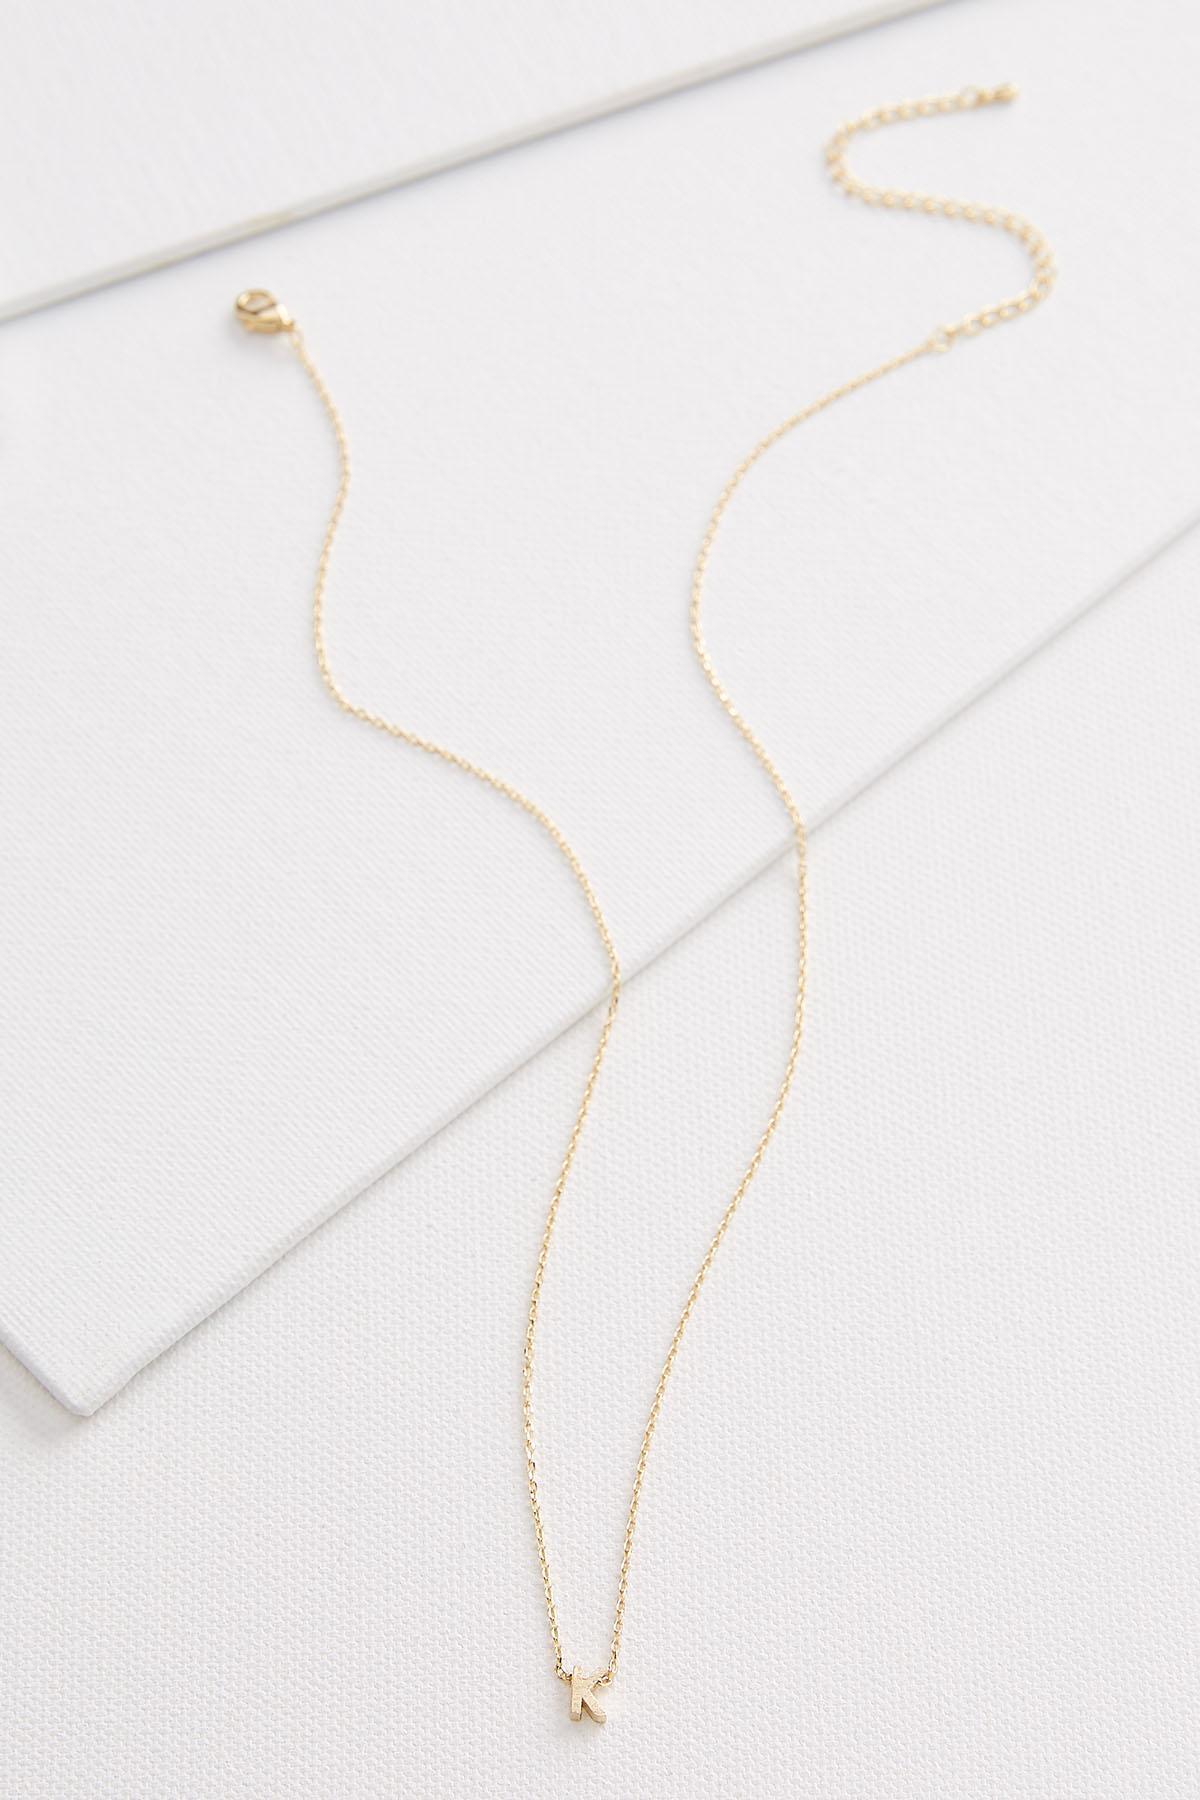 18k Tiny K Necklace